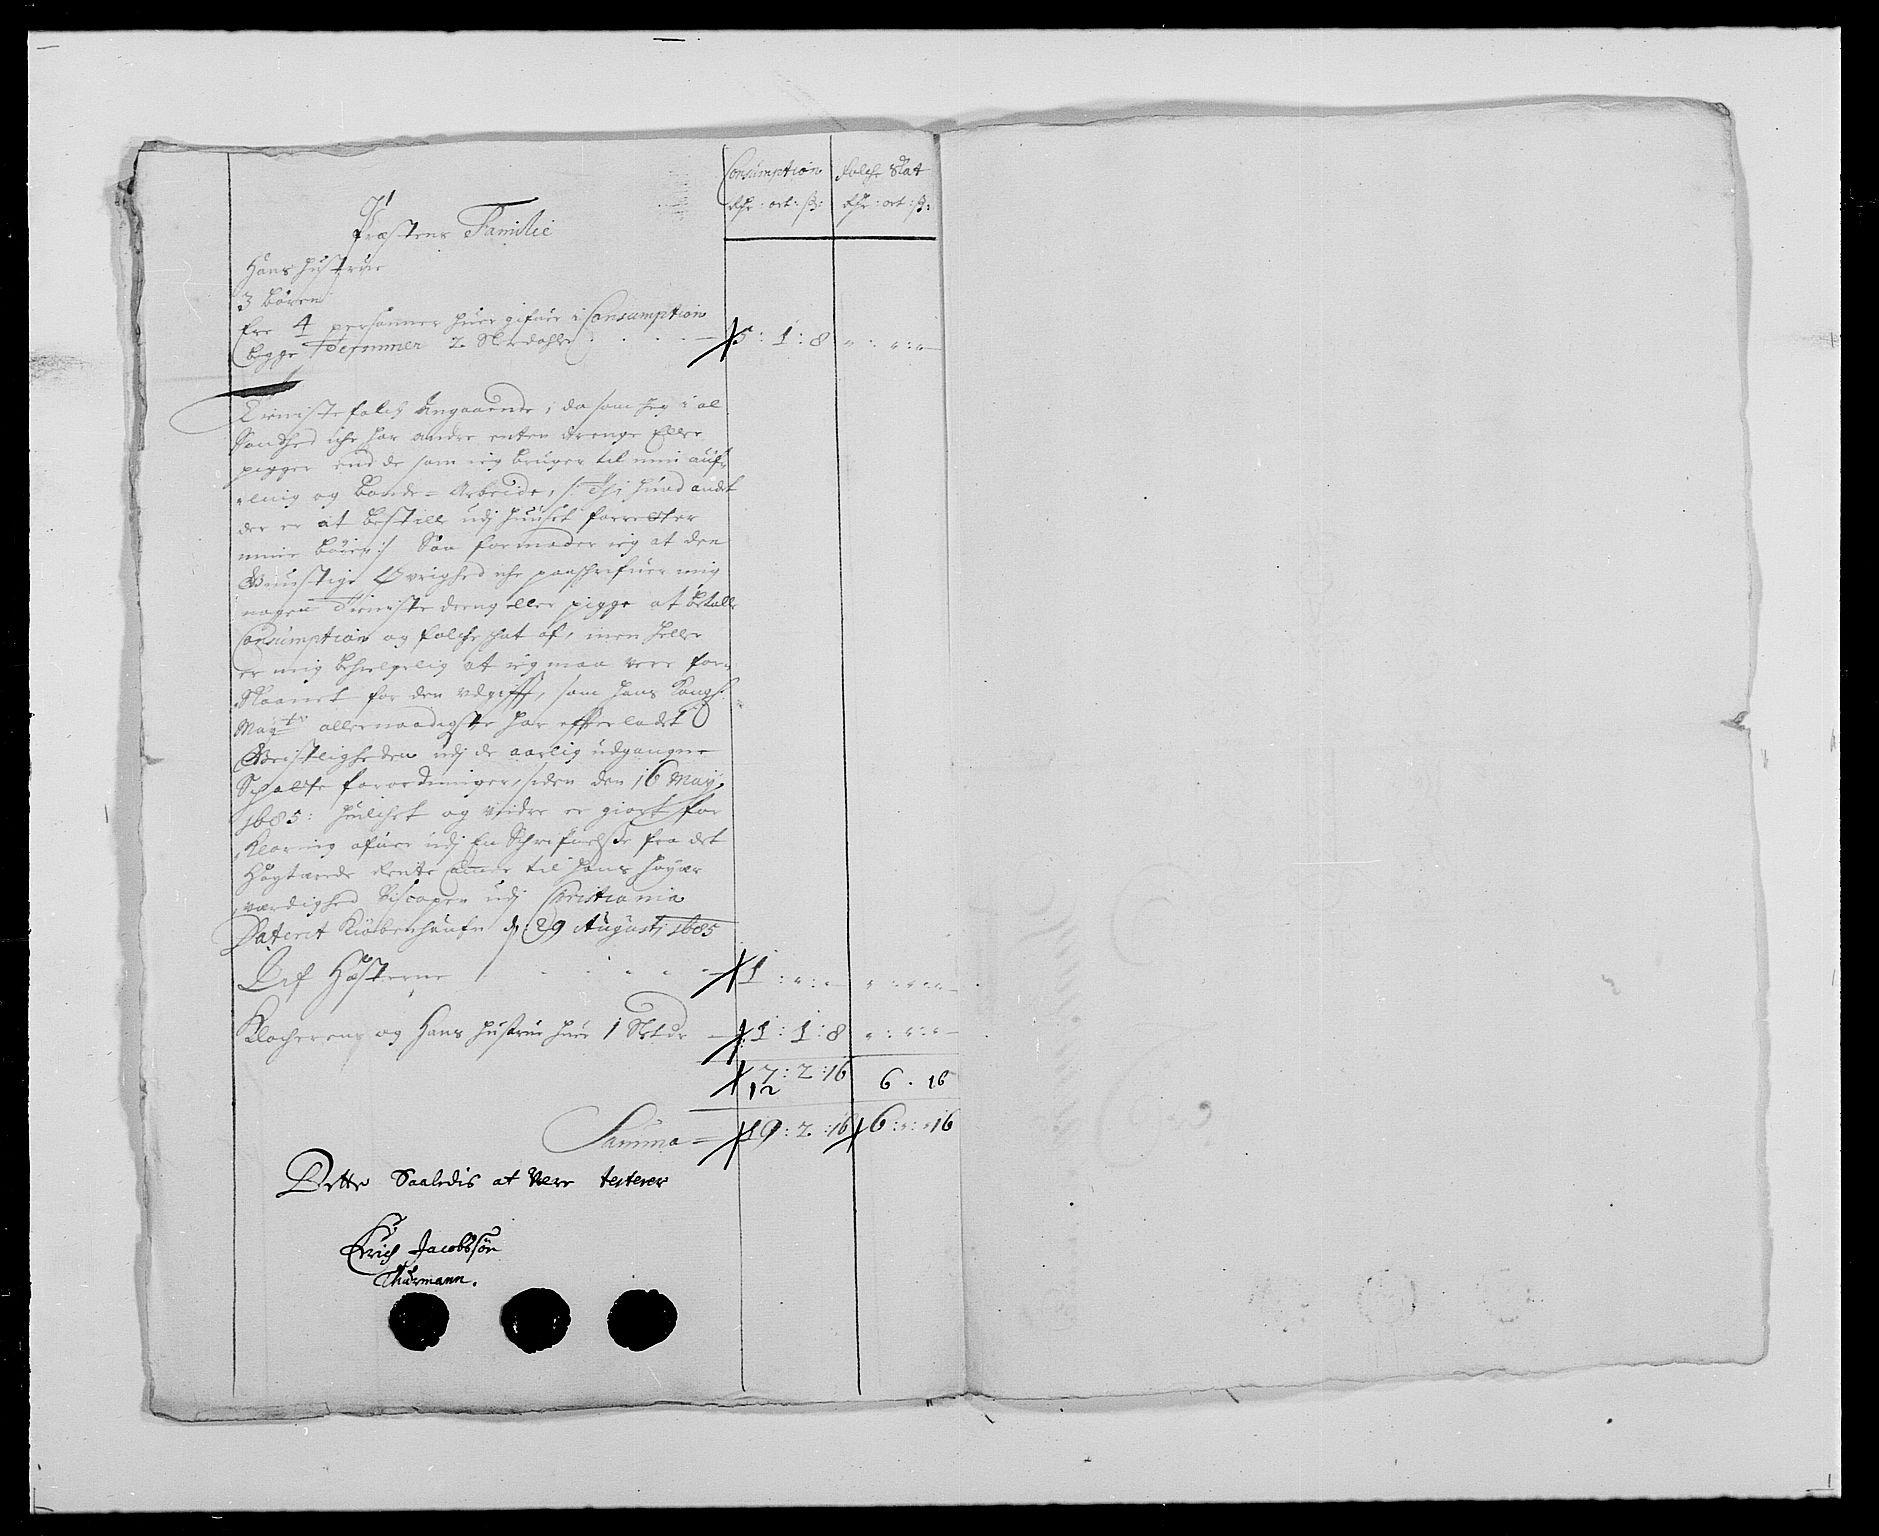 RA, Rentekammeret inntil 1814, Reviderte regnskaper, Fogderegnskap, R24/L1573: Fogderegnskap Numedal og Sandsvær, 1687-1691, s. 330